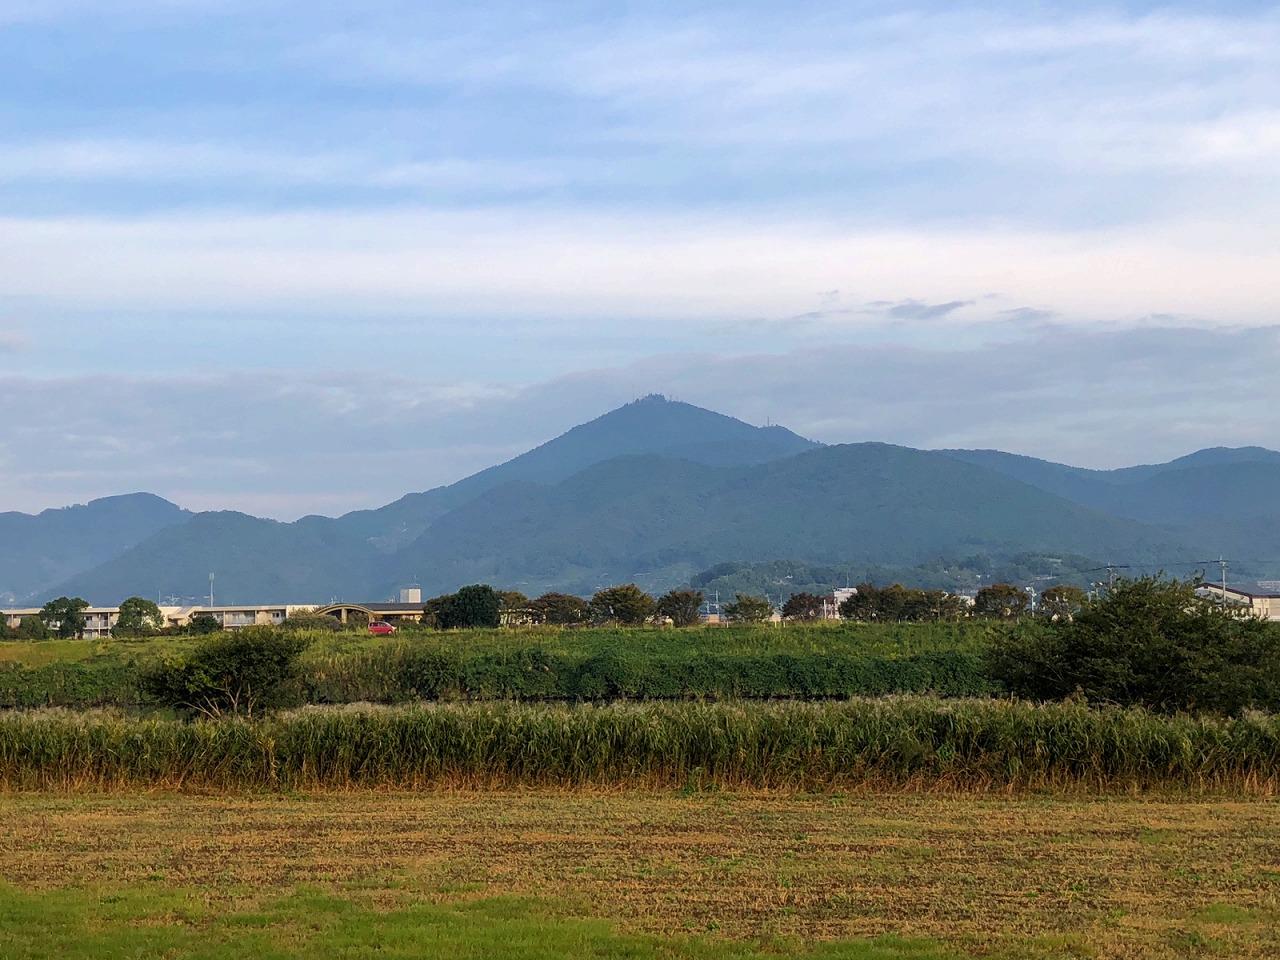 2018.10.17今朝野金峰山です。